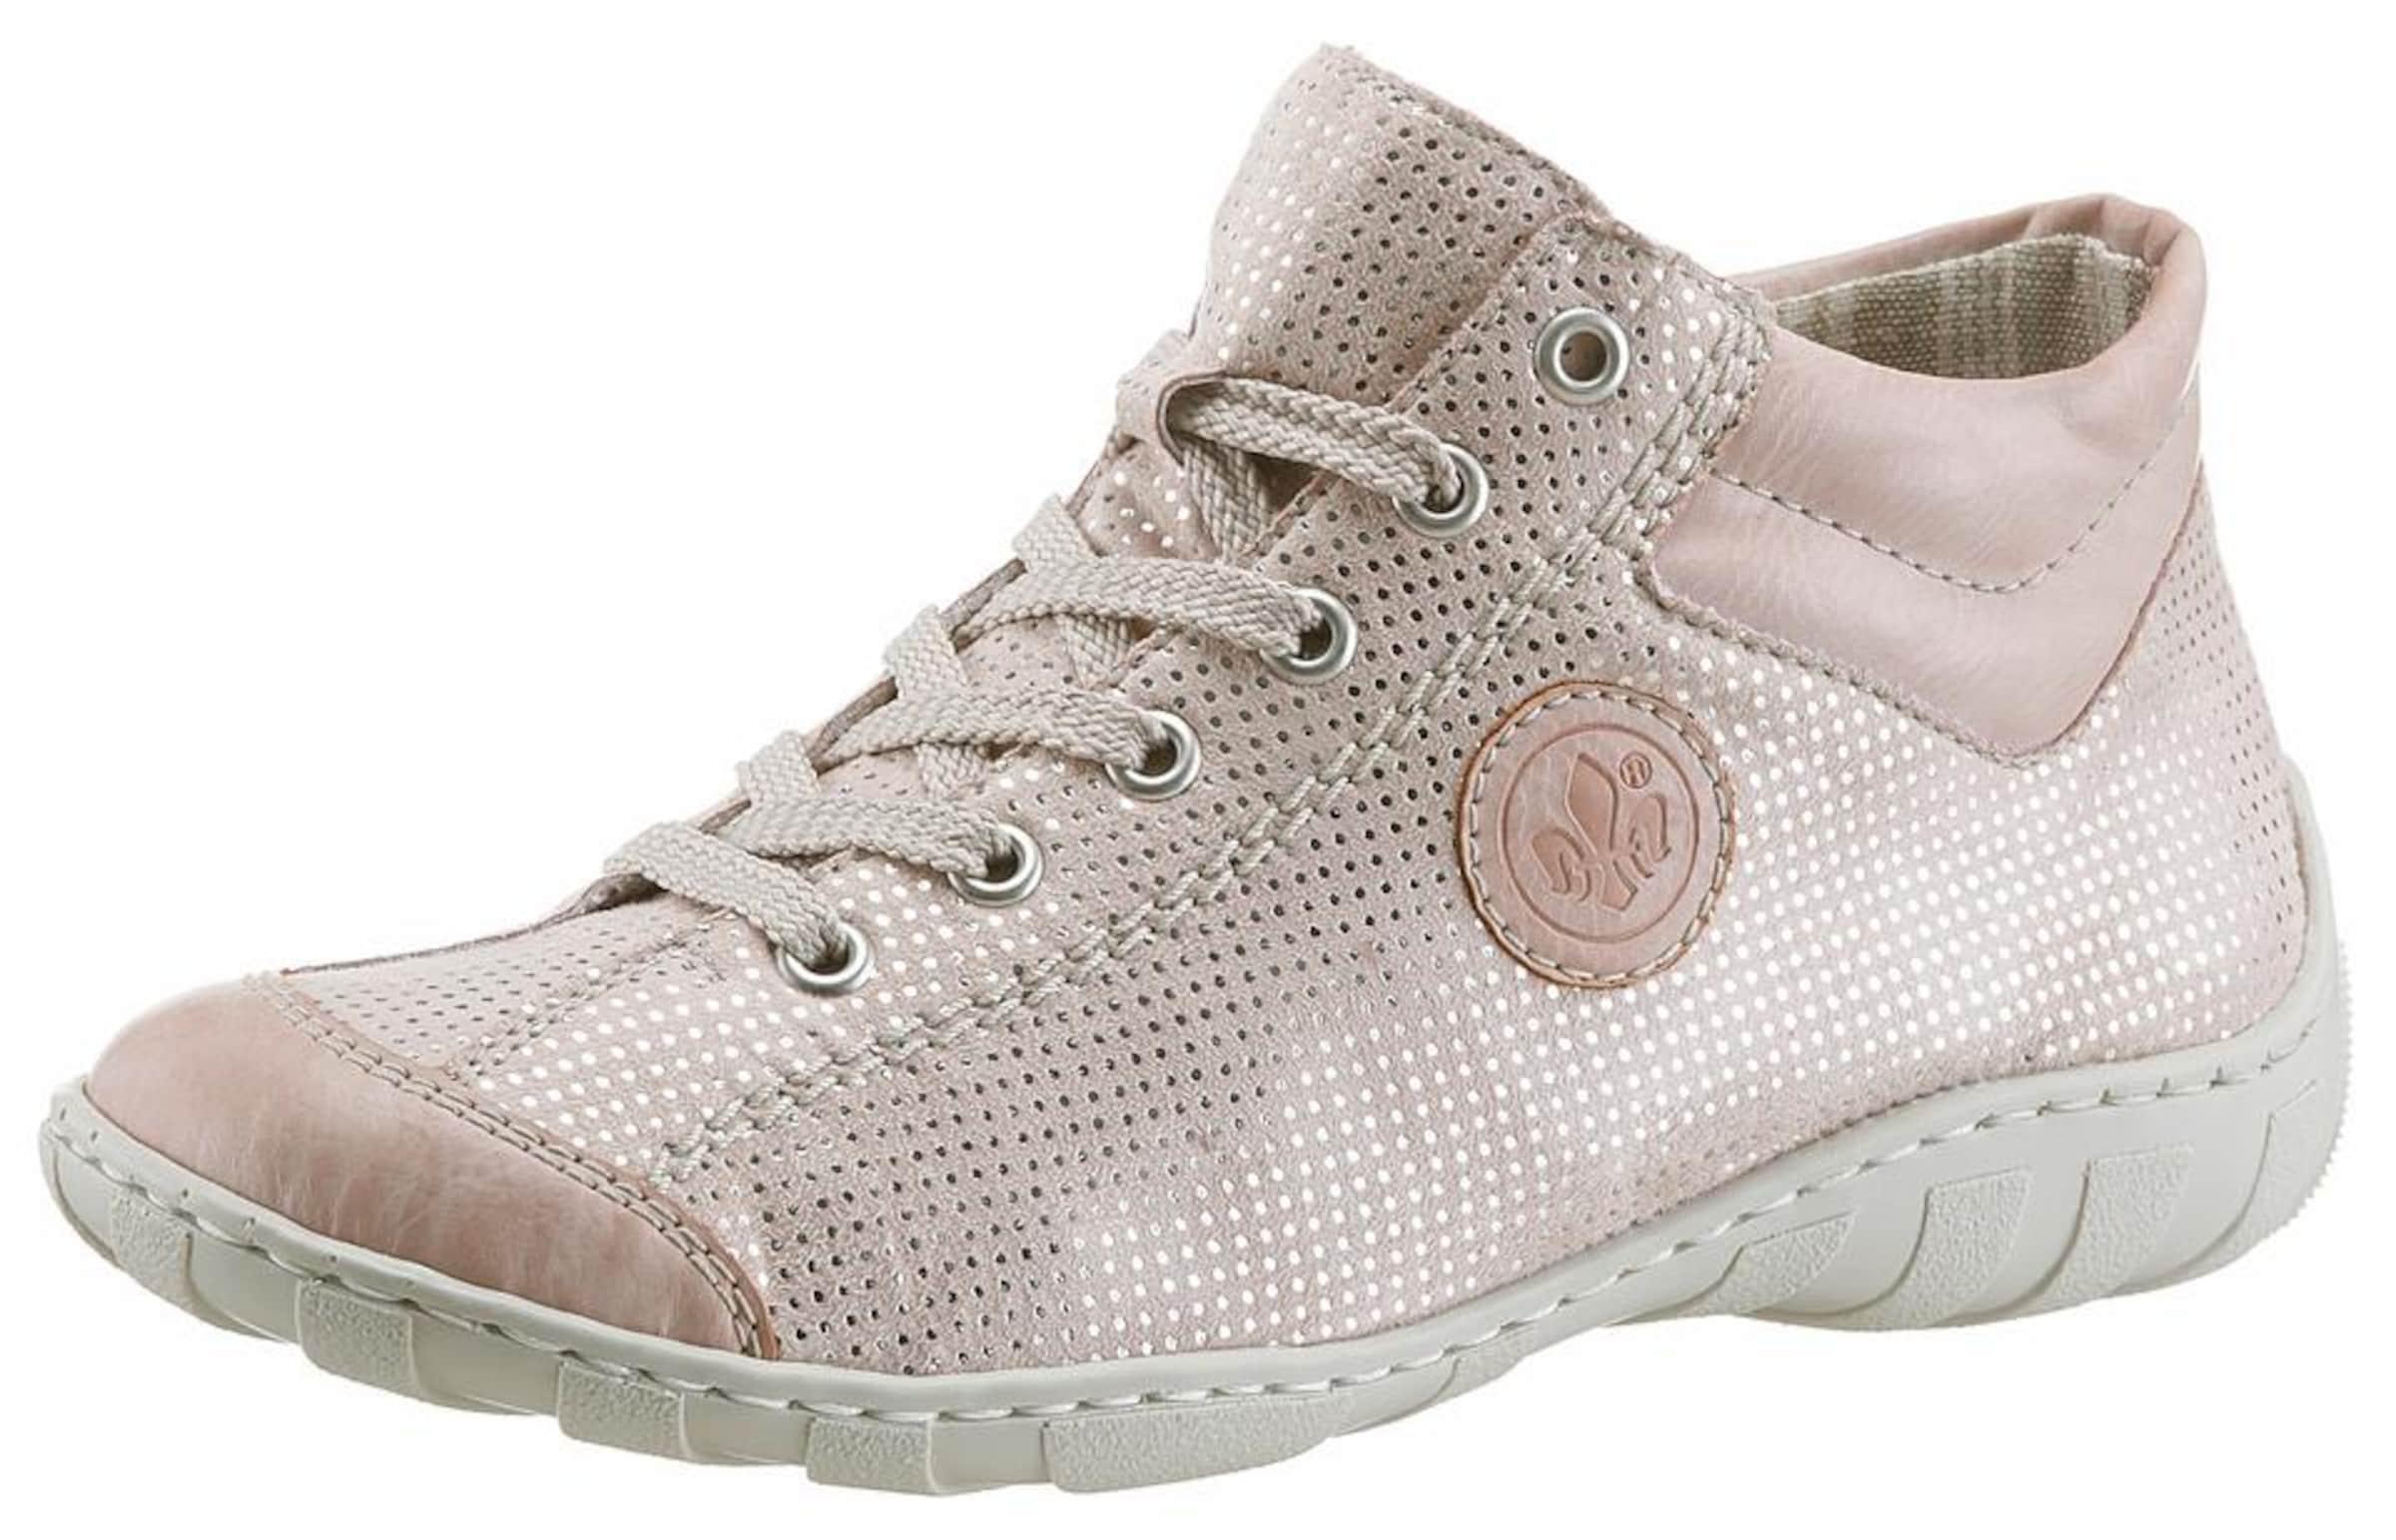 RIEKER Sneaker Günstige und langlebige Schuhe